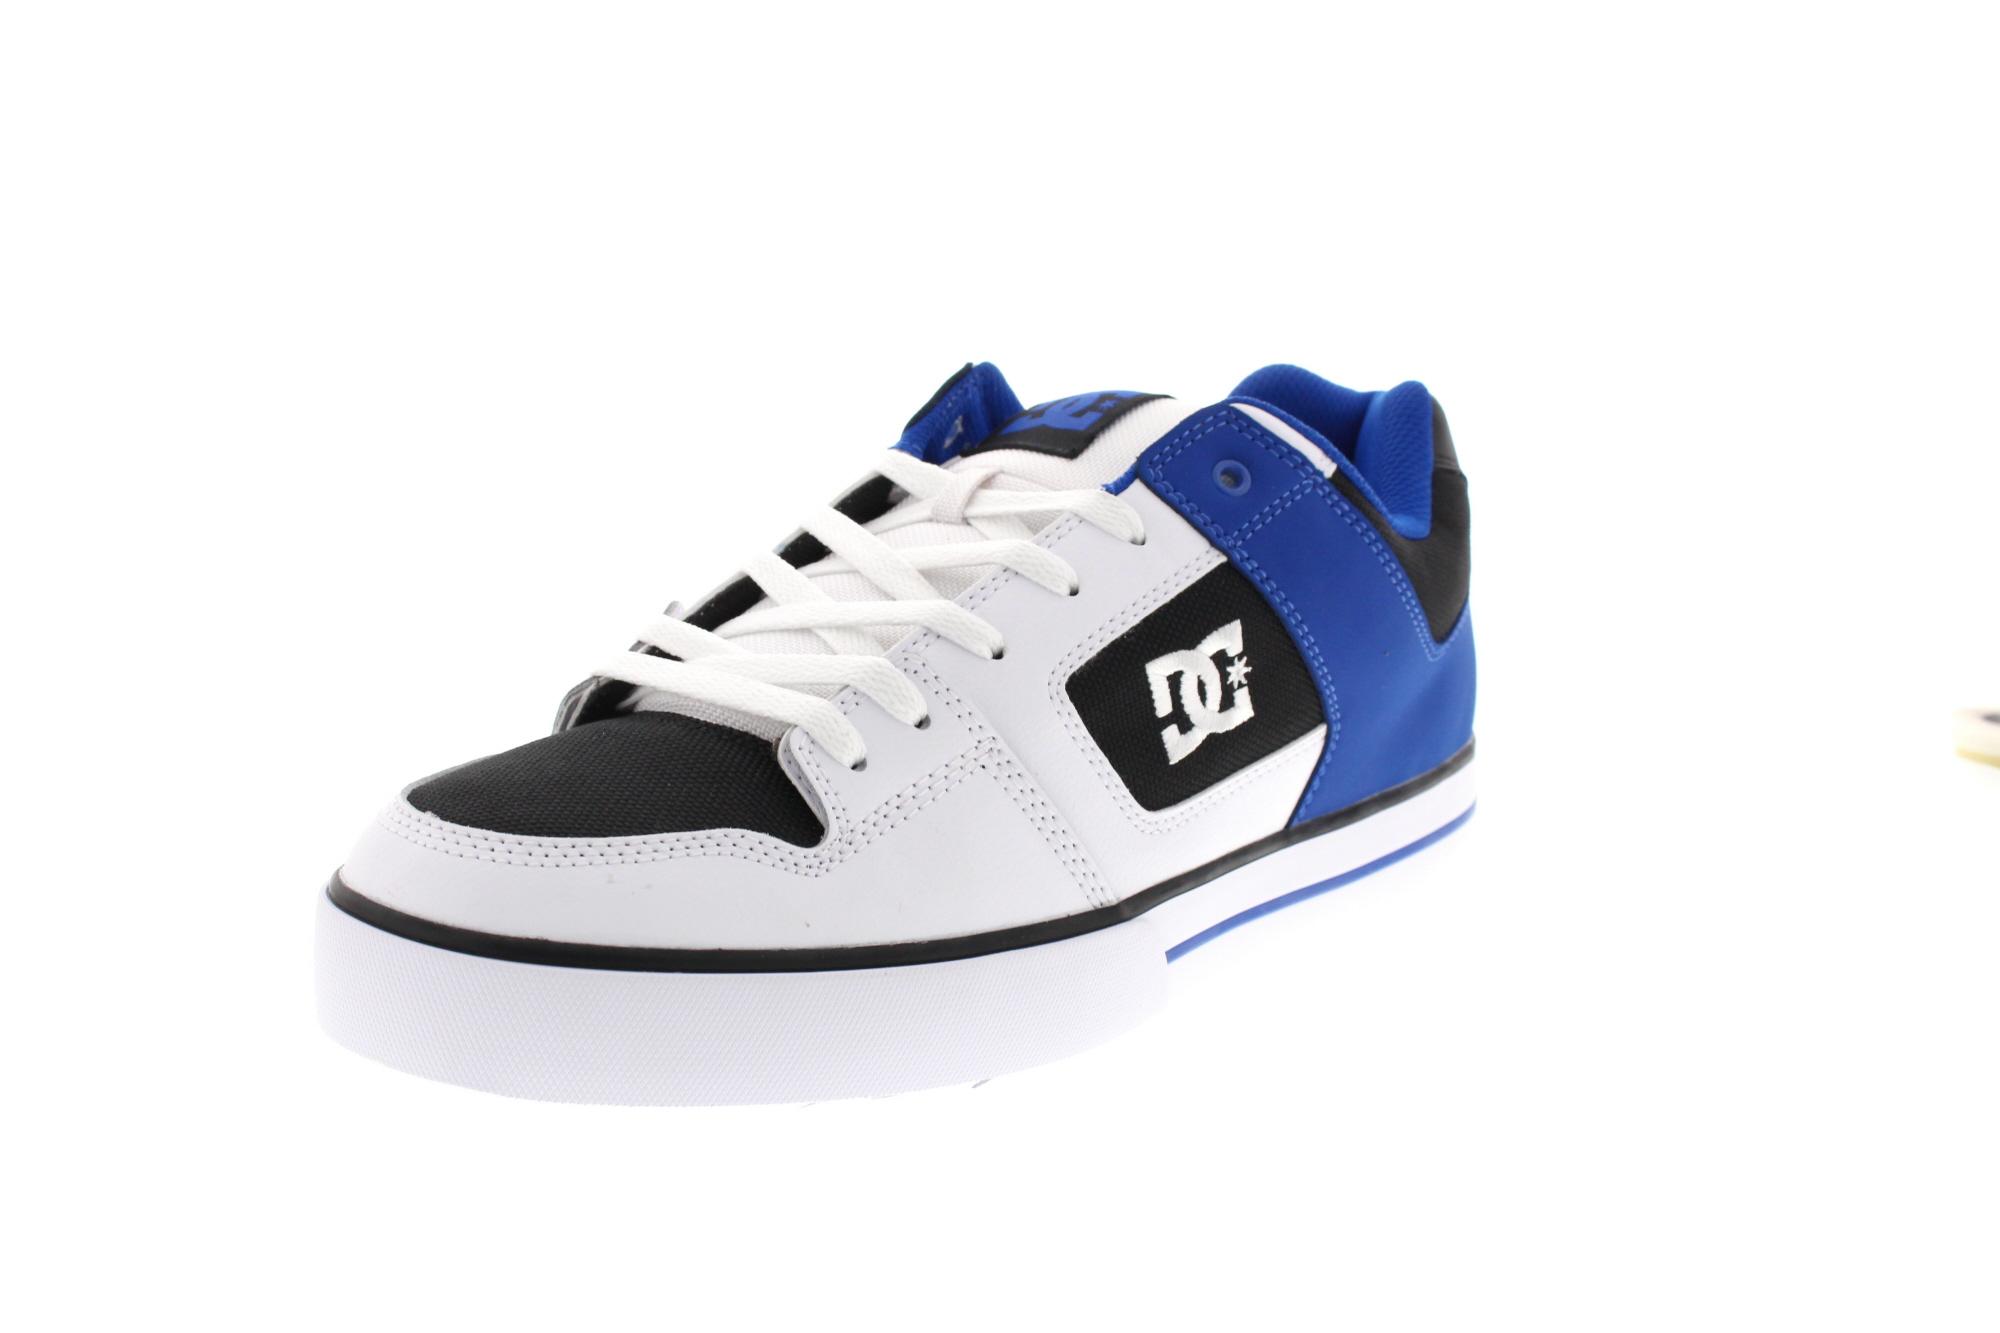 DC Schuhe in Übergrößen - PURE 300660 white black blue